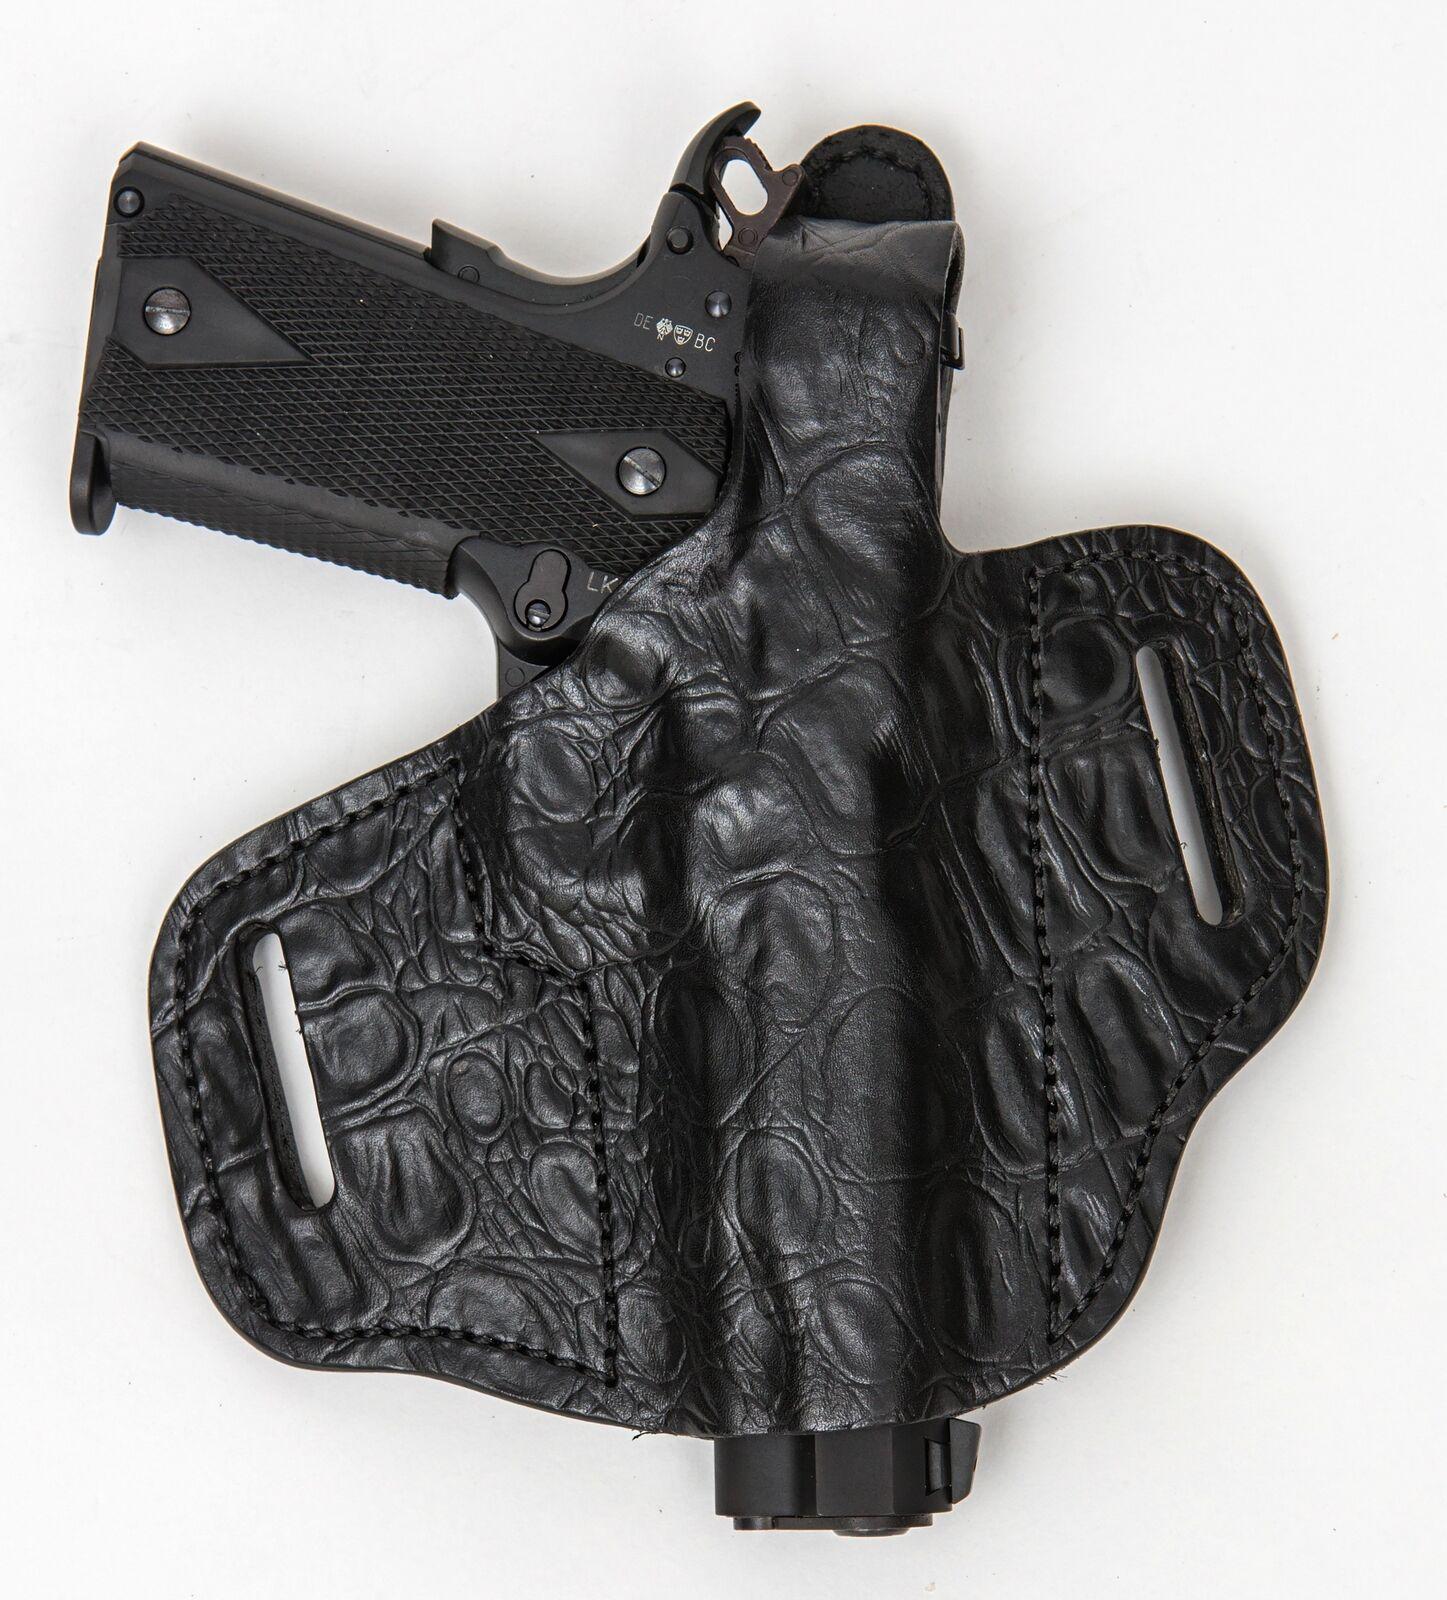 En servicio ocultar RH LH owb Cuero Funda Pistola para Dan Wesson 1911 Pointman 5